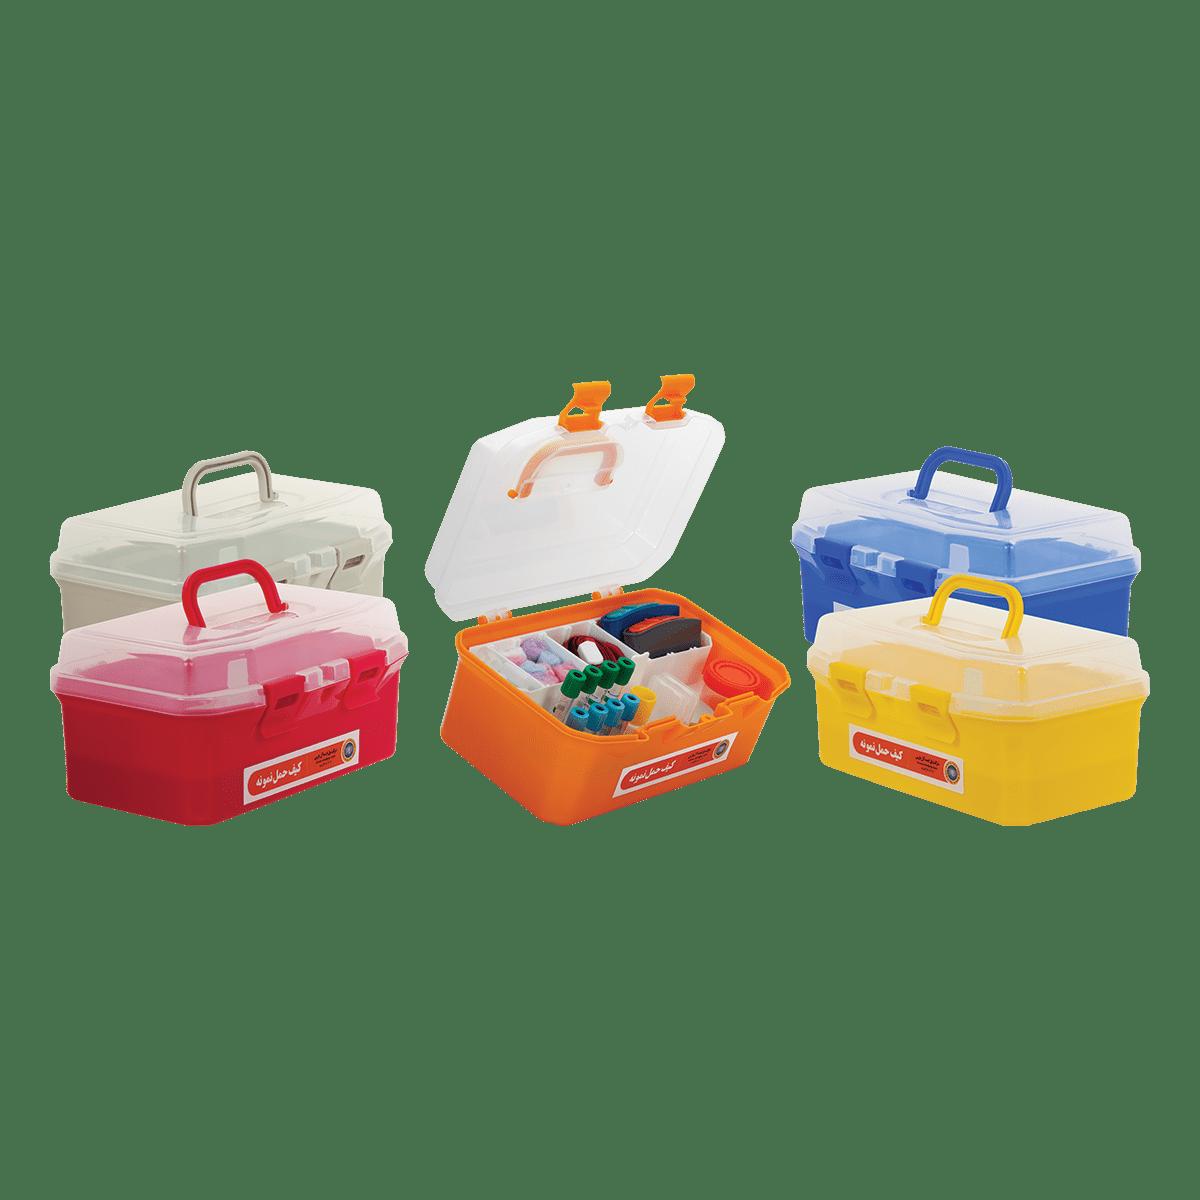 کیف-حمل-نمونه